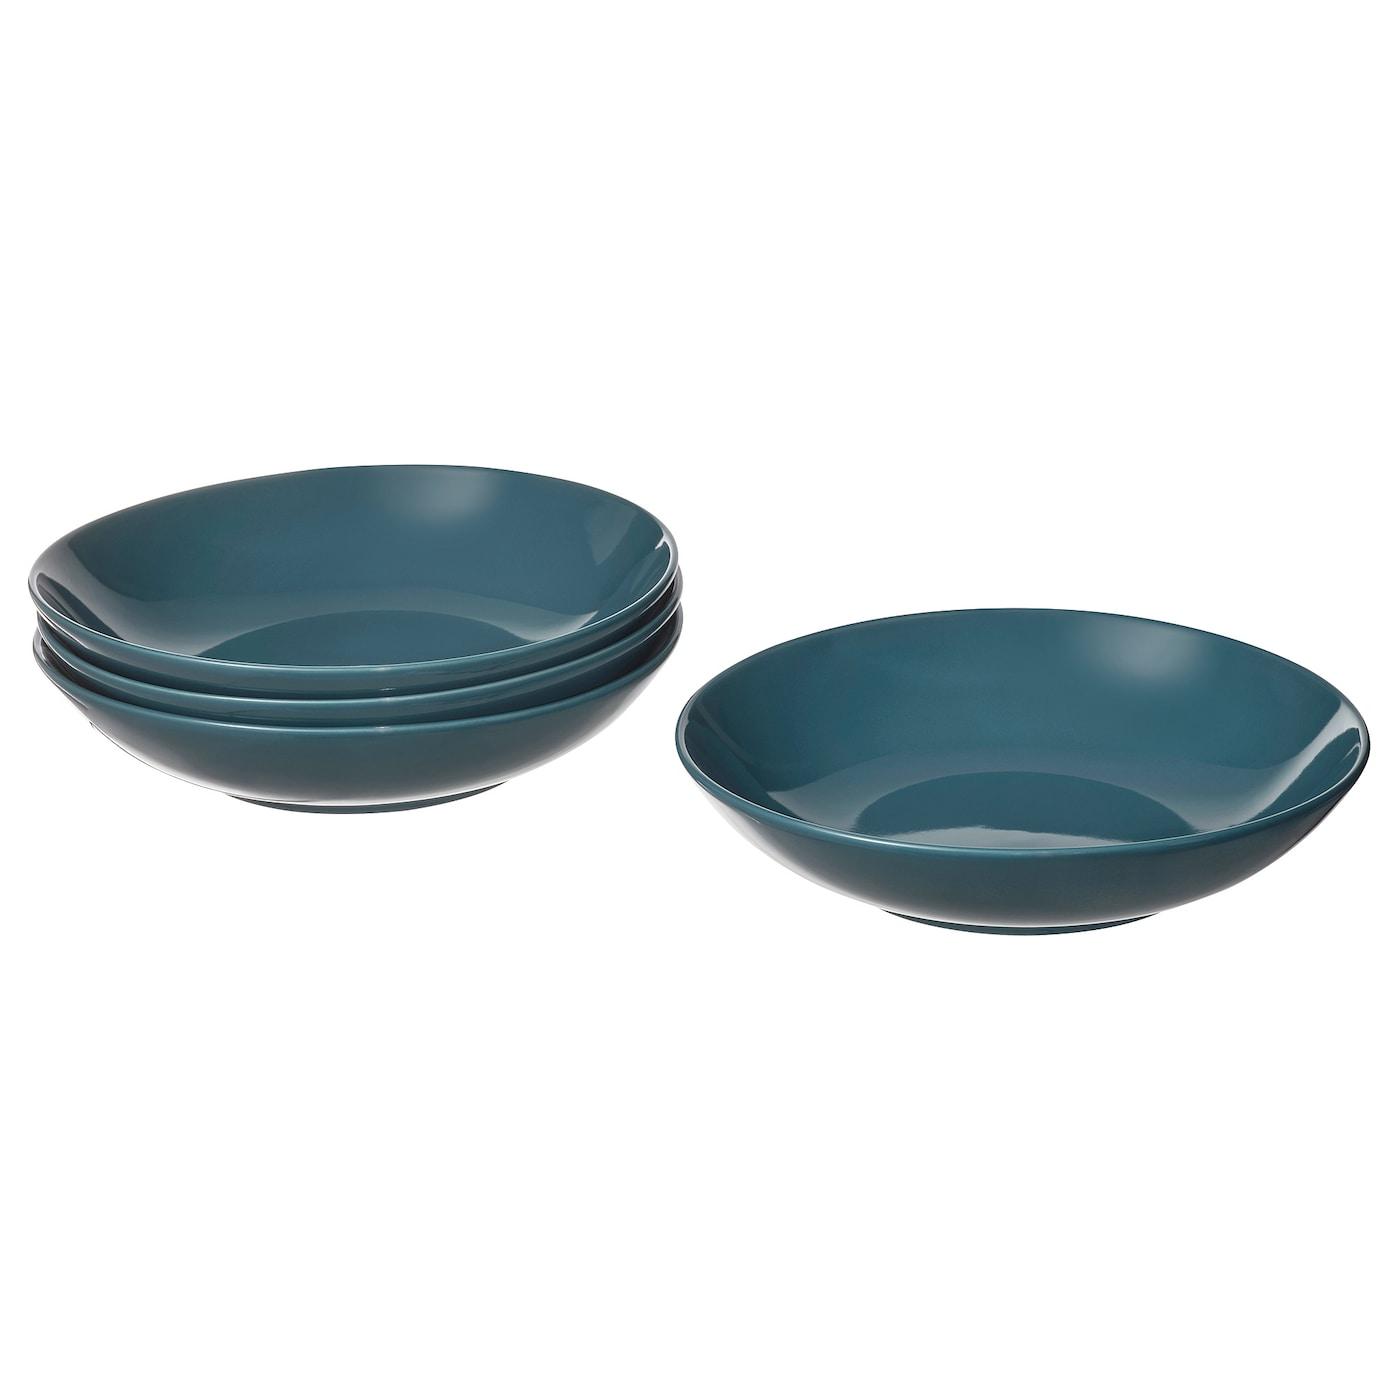 FÄRGKLAR zupas sķīvis - tumši tirkīza spīdīga 23 cm, 4gb.